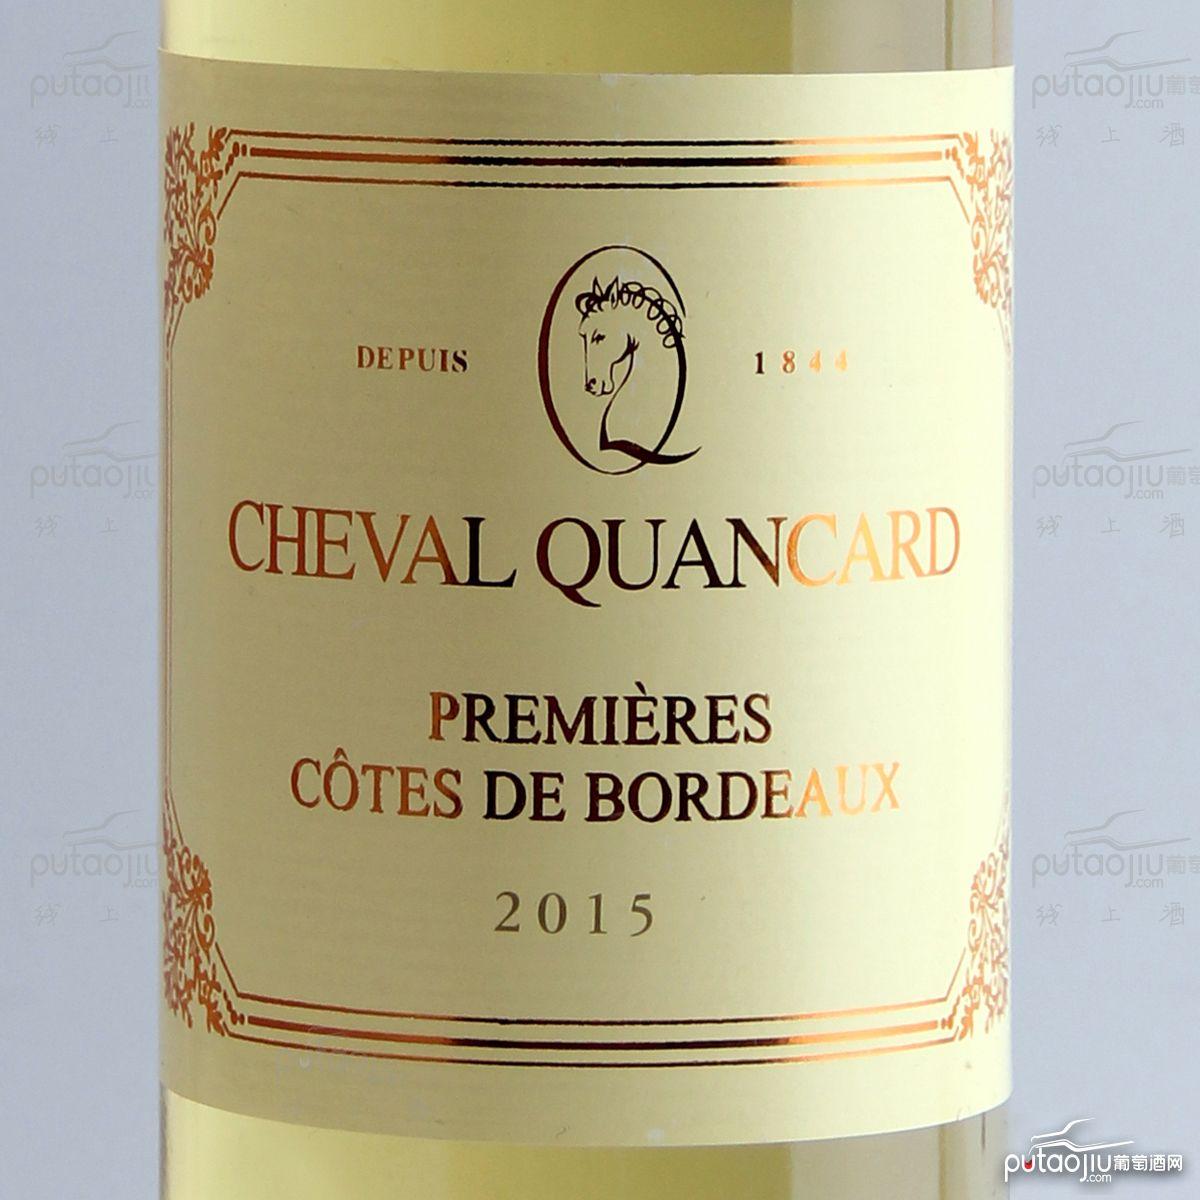 法国波尔多Cheval Quancard S.A酒庄长相思赛美蓉第一山丘AOP甜白葡萄酒